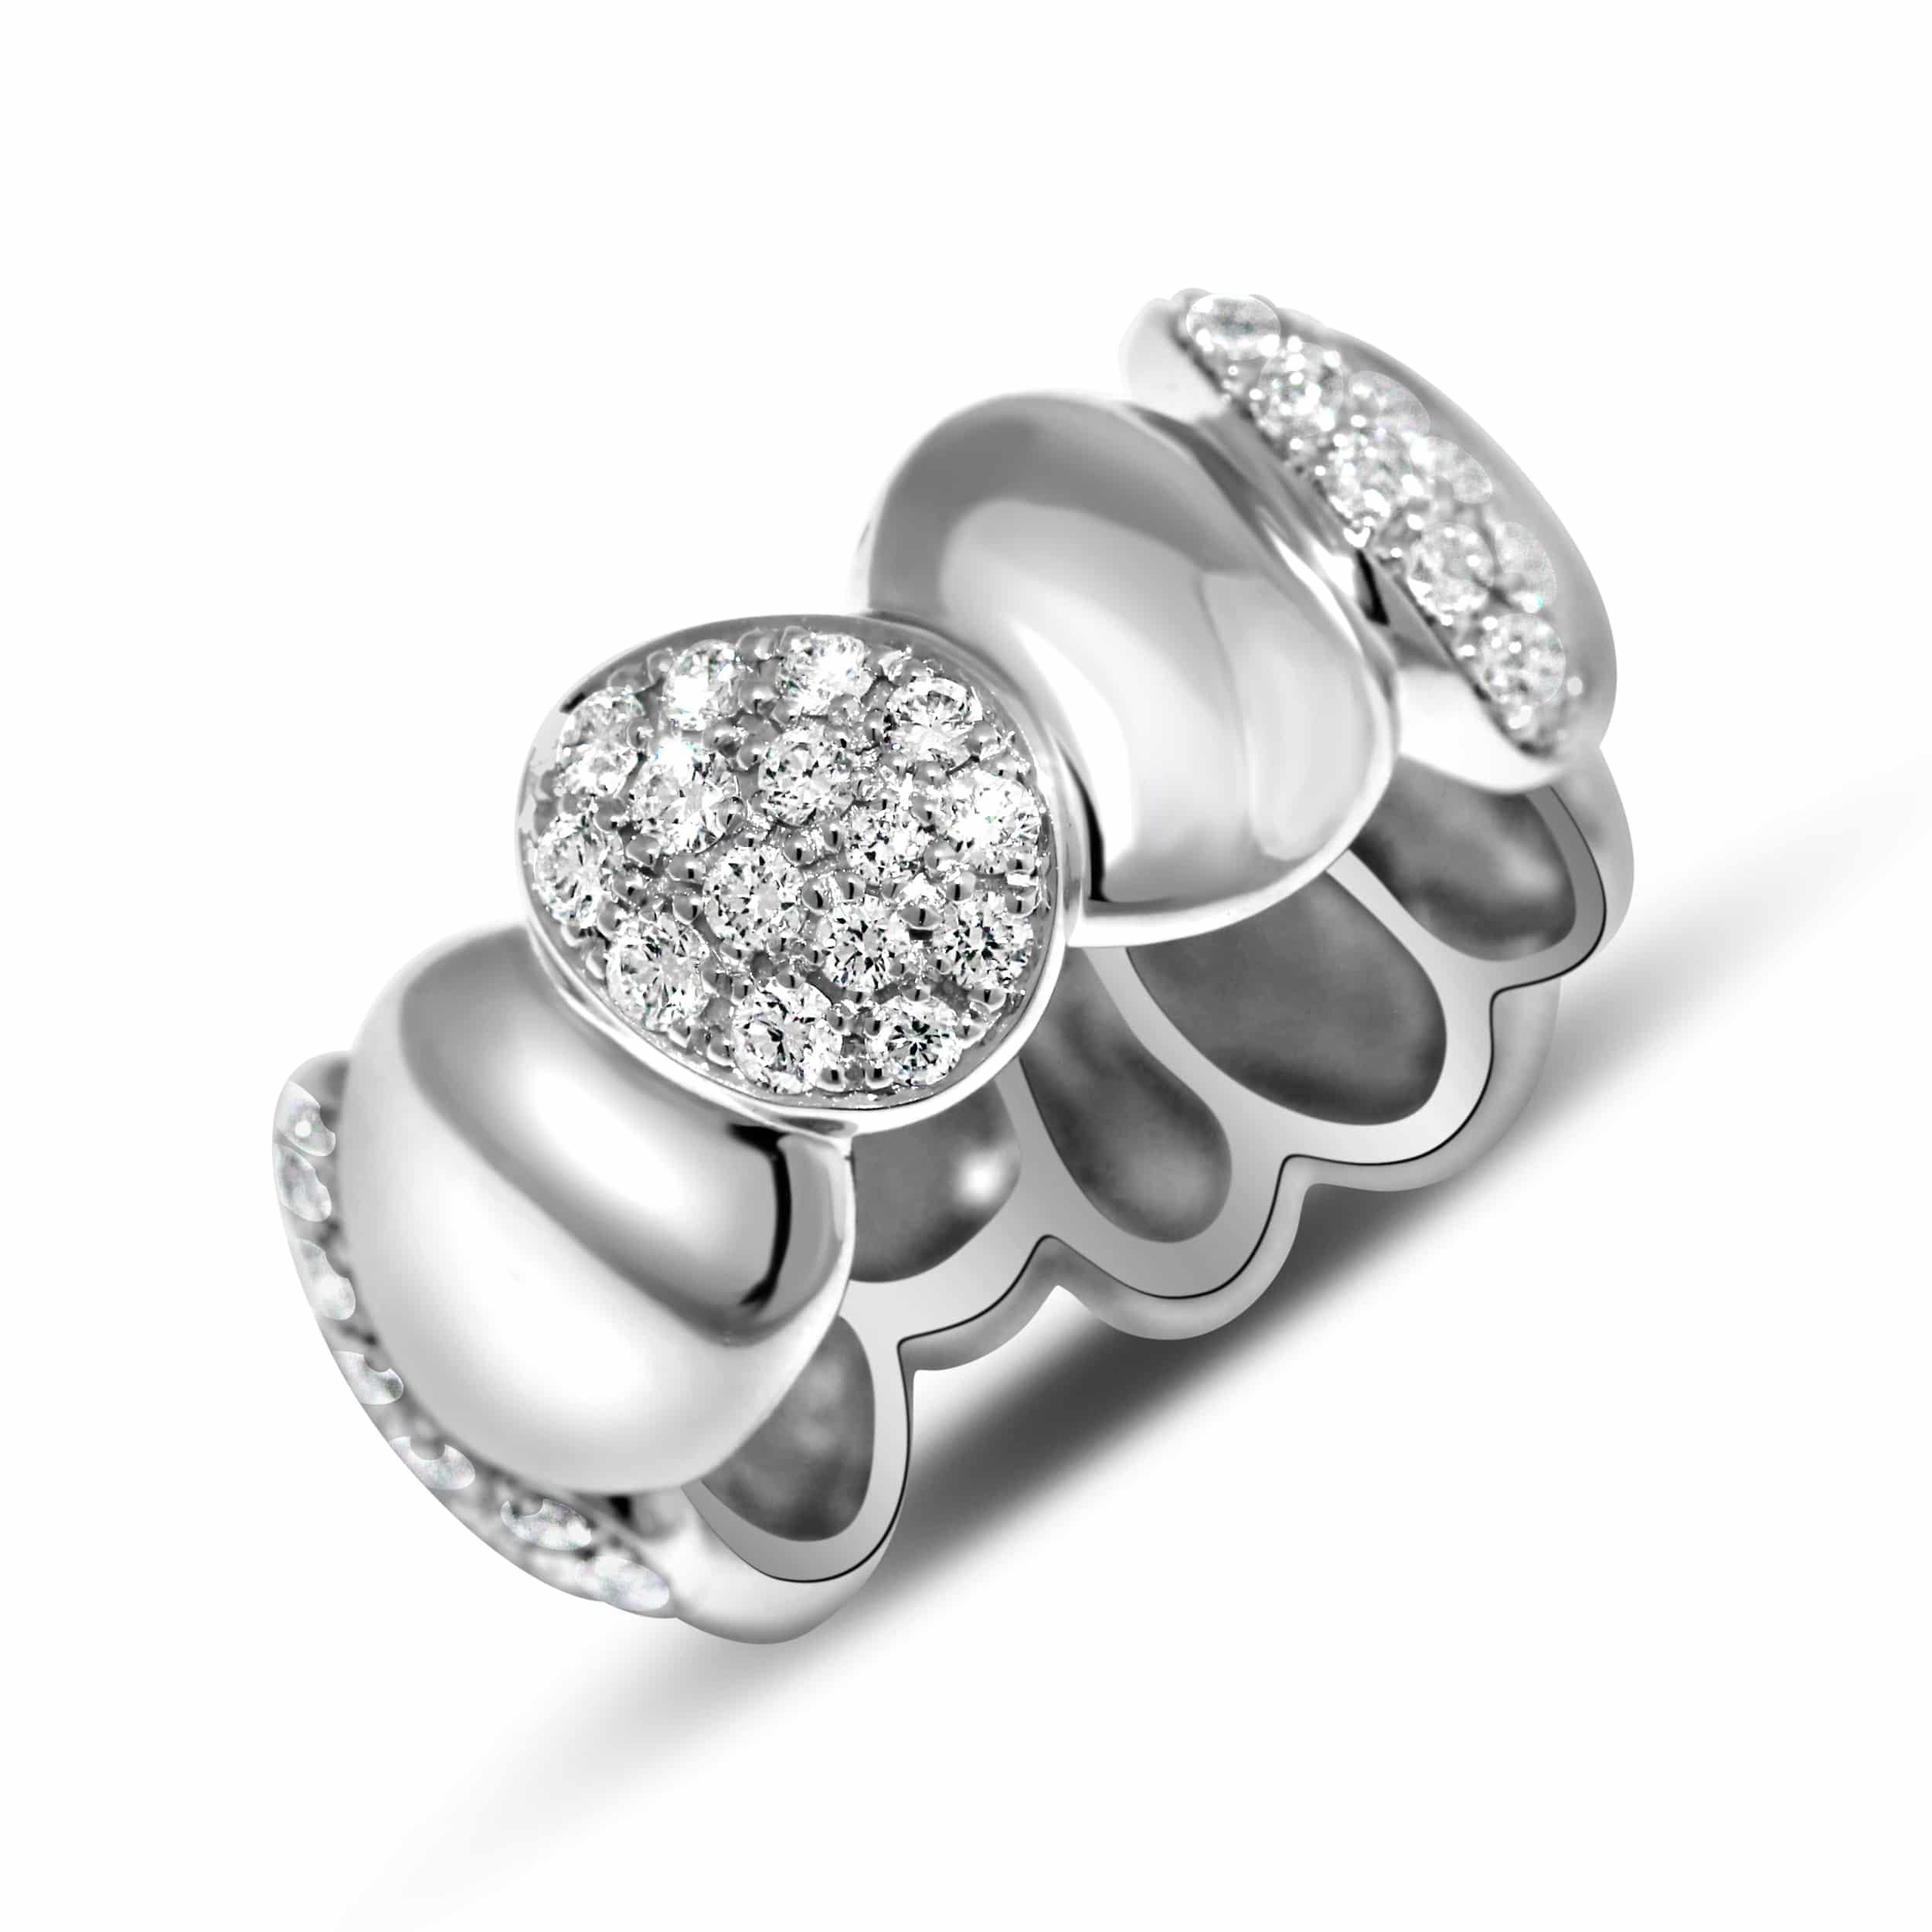 Bague en argent massif sertie de cubics zirconiums Orligne Genève